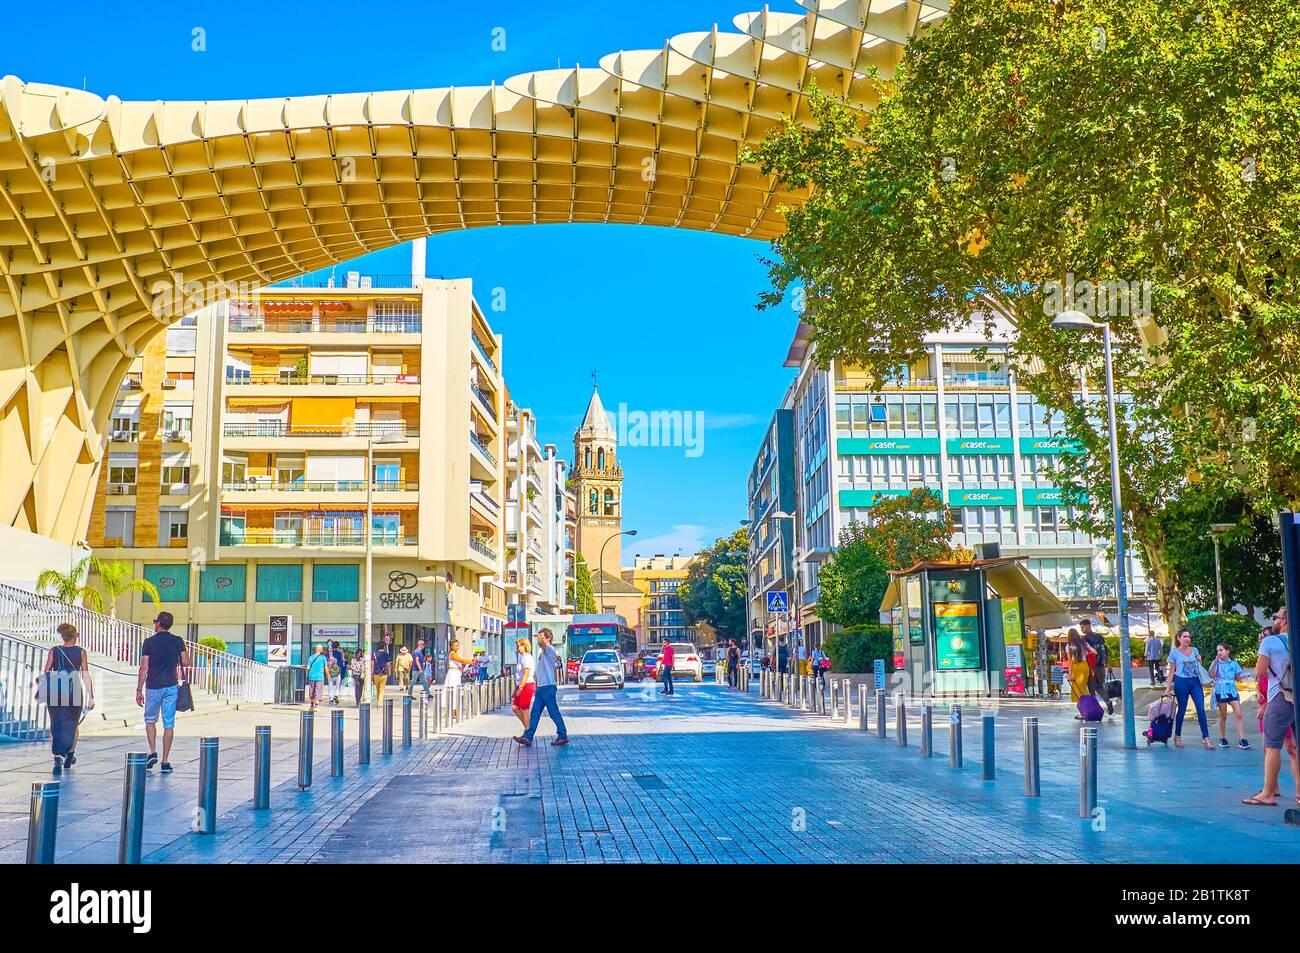 Séville, ESPAGNE - 1 OCTOBRE 2019: La construction de Metropol Parasol s'adapte bien dans le quartier historique et domine la rue animée d'Imagen, en octobre Banque D'Images